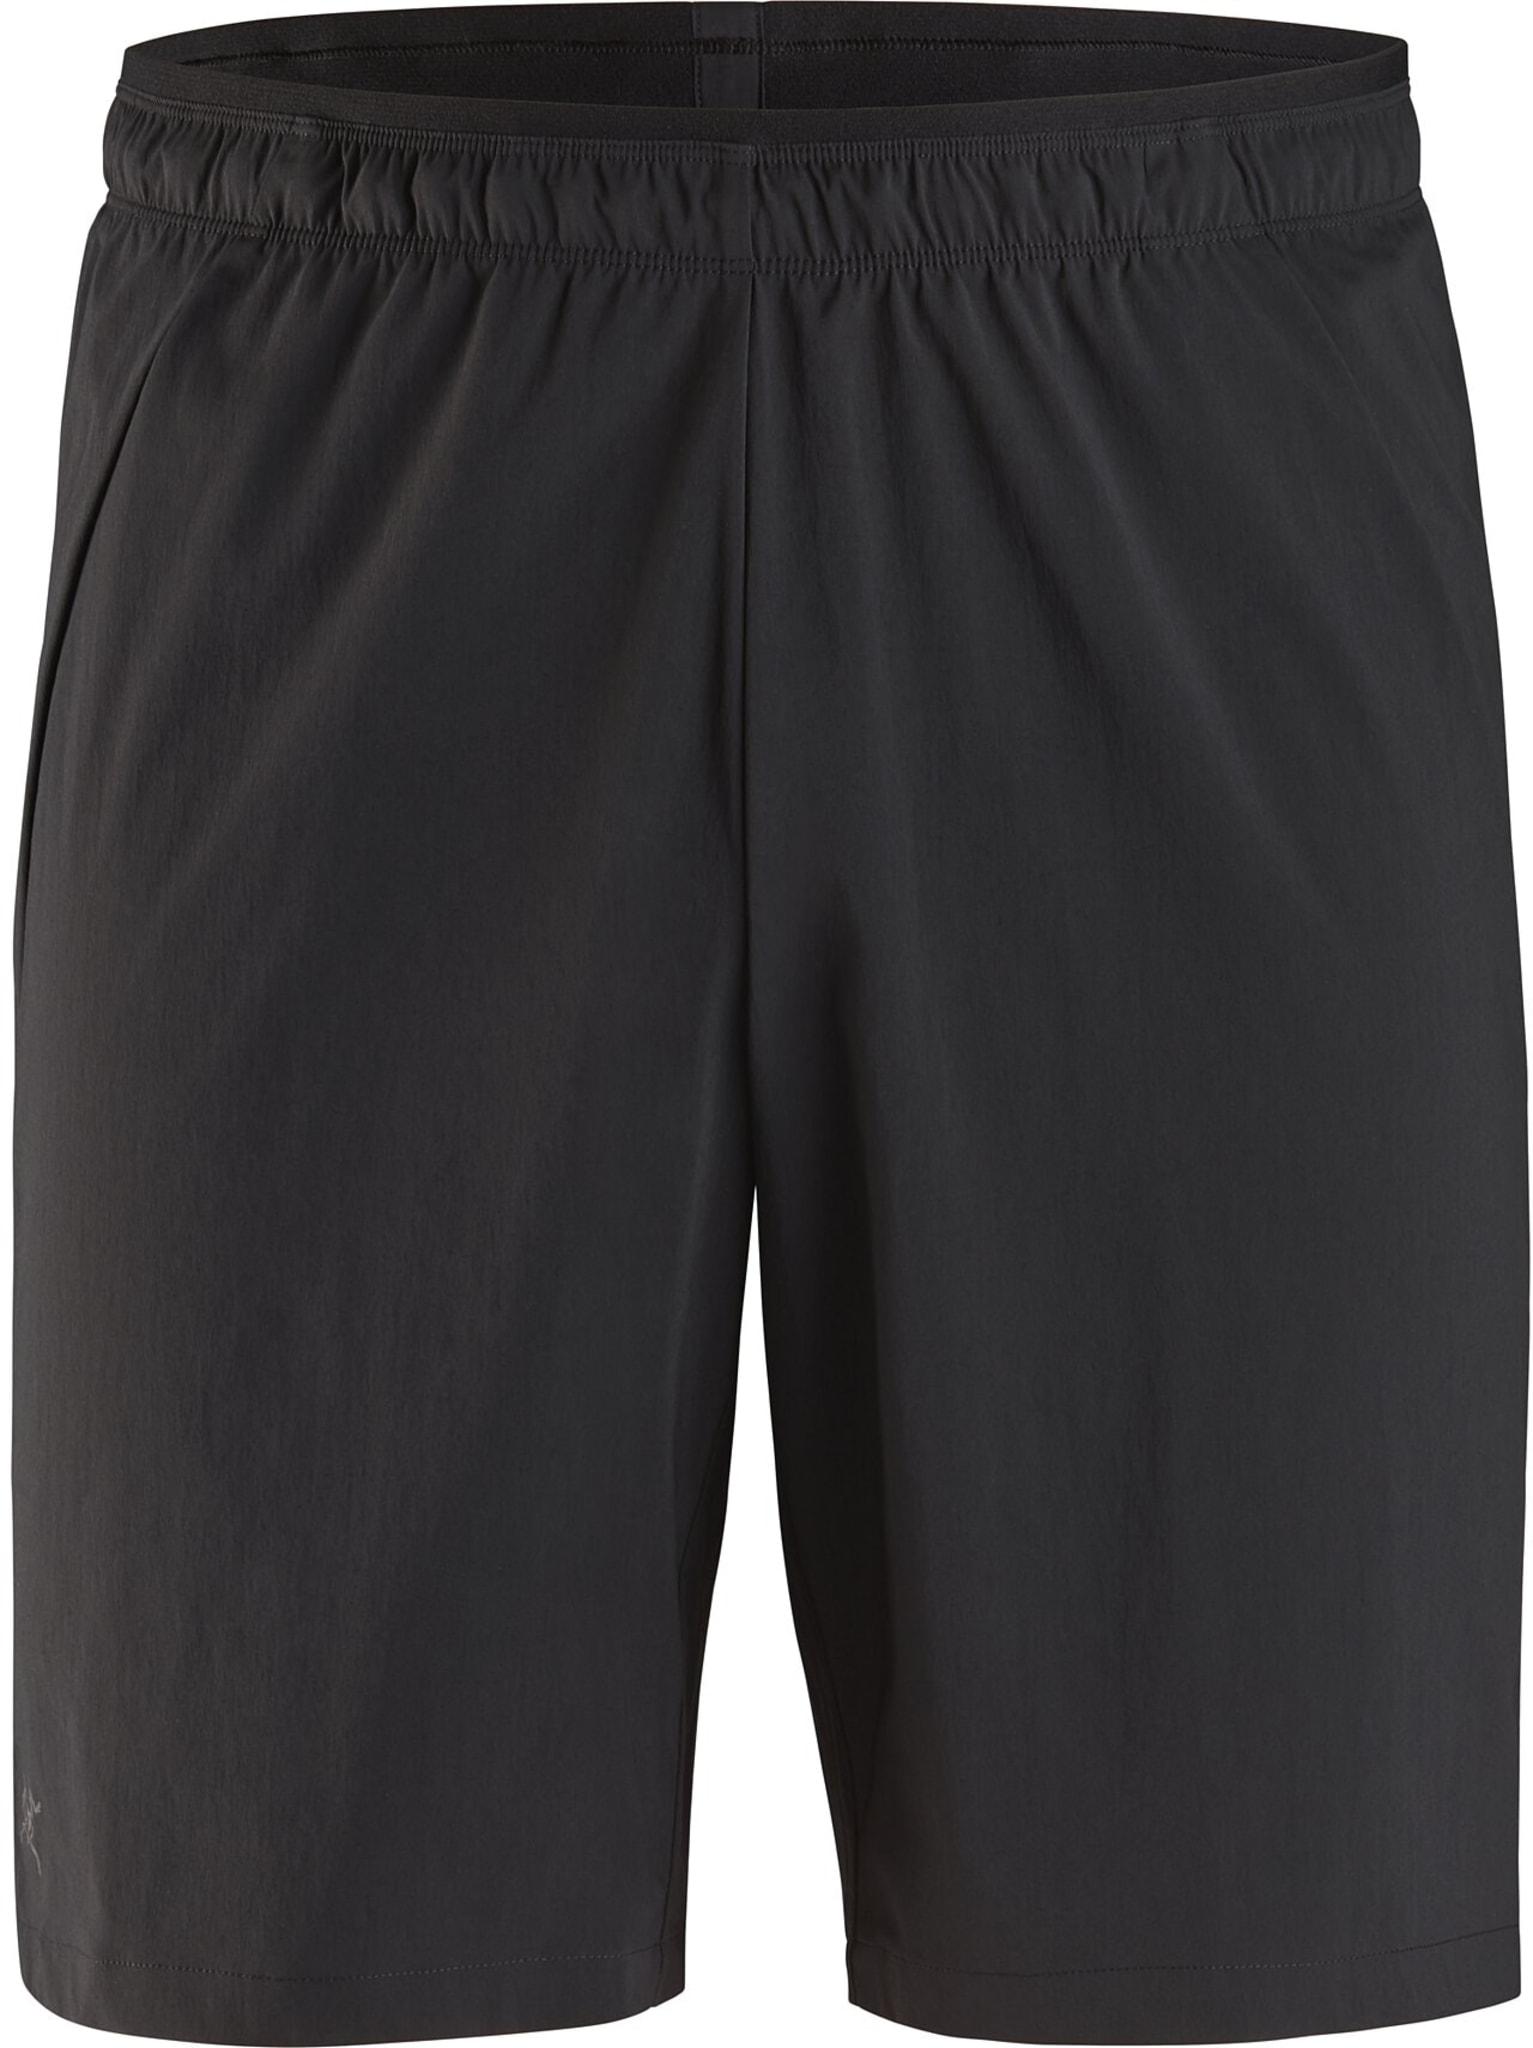 Allsidig shorts til fjellturer og terrengløp